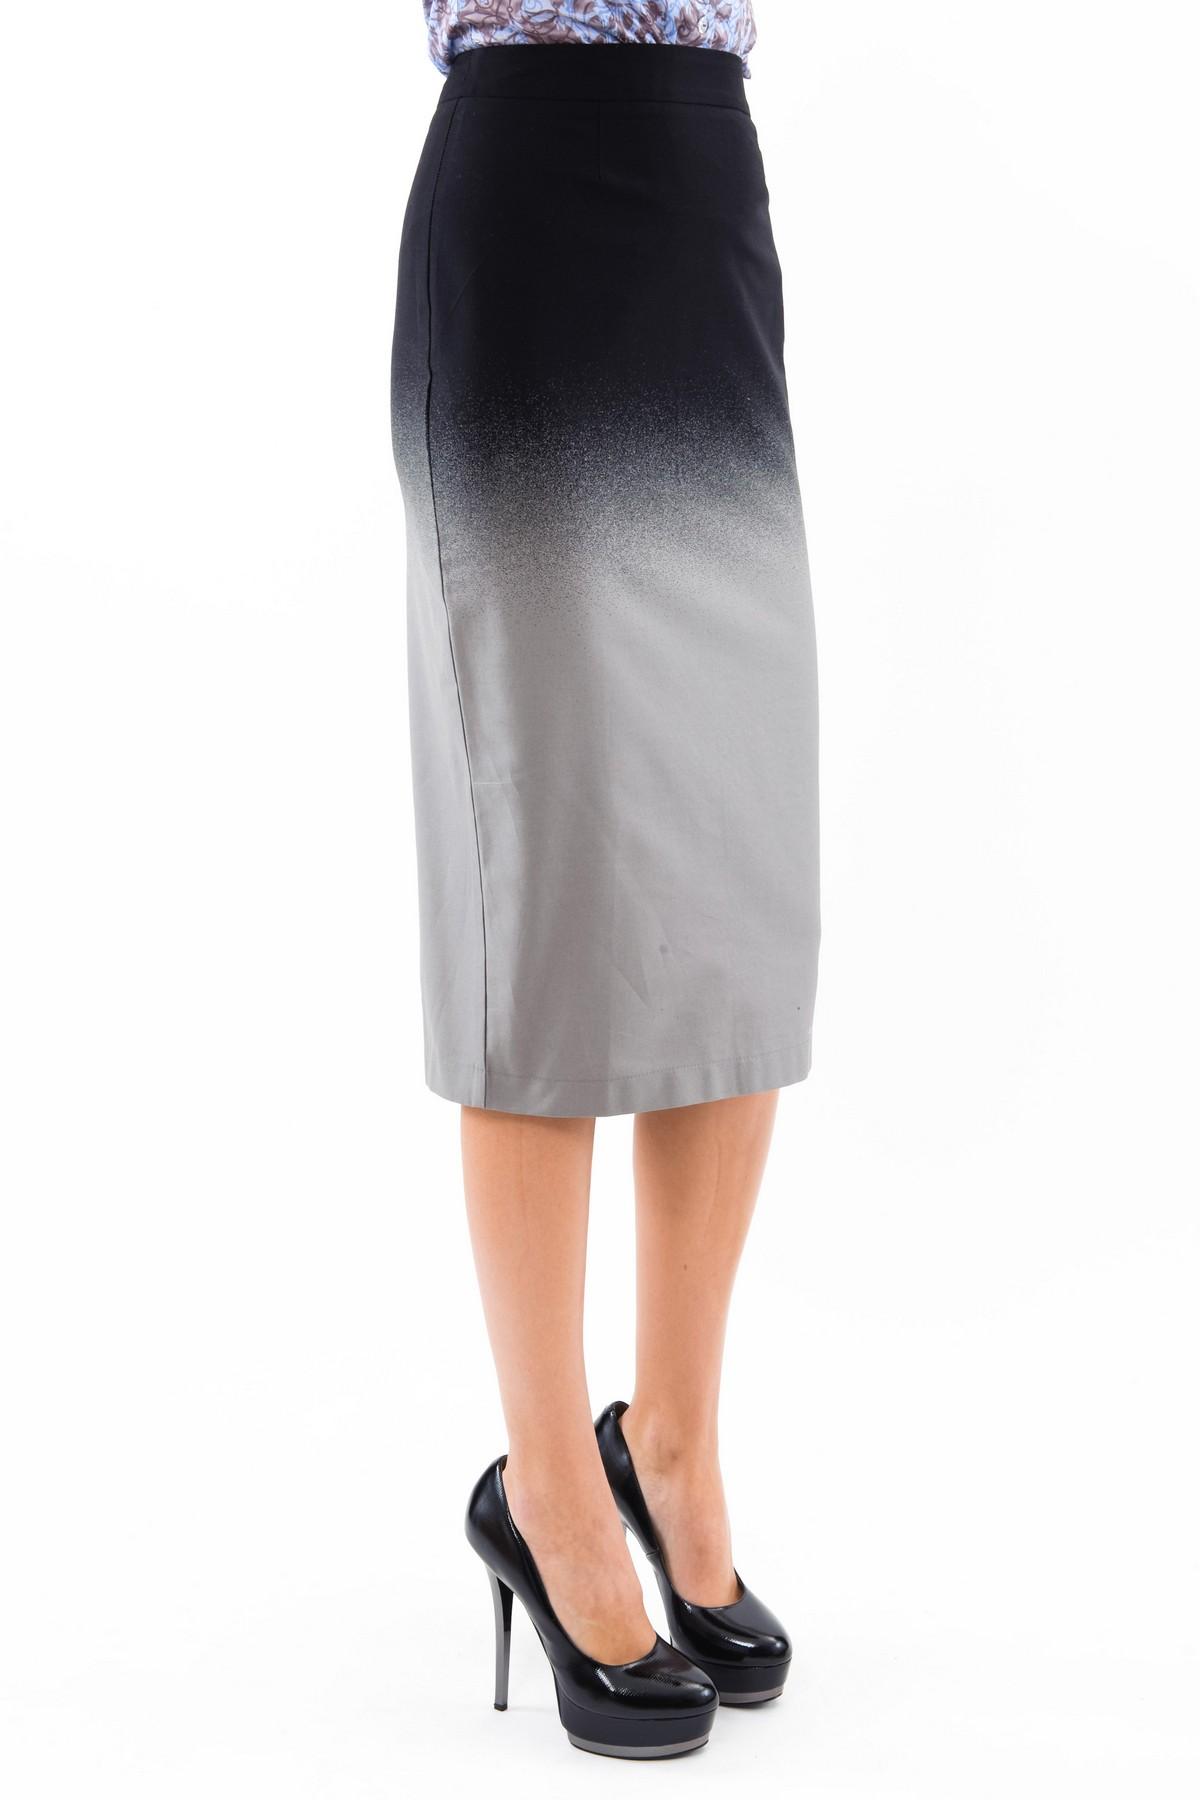 ЮбкаЖенские юбки и брюки<br>Элегантная юбка-карандаш средней длины чуть ниже колена, благодаря лаконичному облегающему крою, смотрится очень изысканно.  Выполнена из ткани с эффектом градуированного перехода цвета – «деграде». Потрясающая и стильная, эта юбочка украсит гардероб совр<br><br>Цвет: черный,серый<br>Состав: 97% хлопок 3% лайкра<br>Размер: 42<br>Страна дизайна: Россия<br>Страна производства: Россия